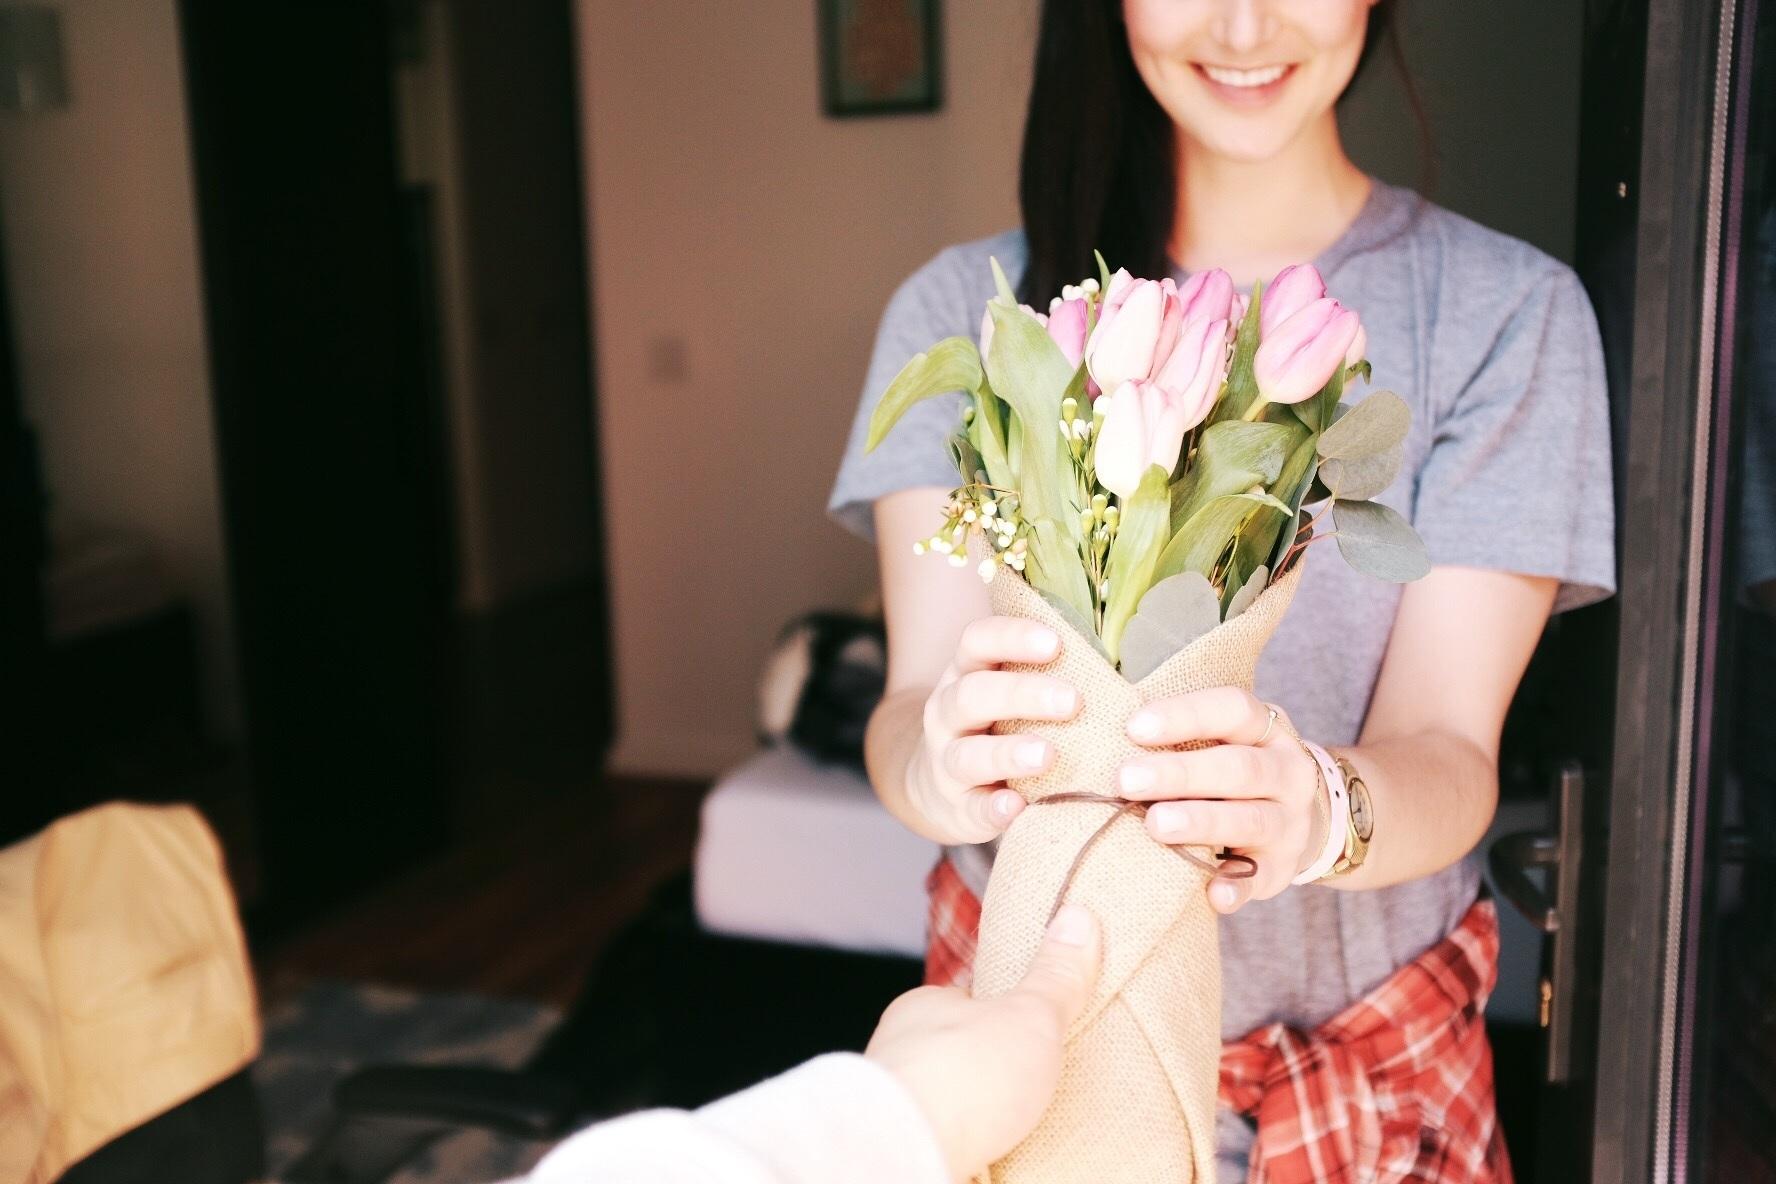 Цветы не в подарить девушке, 300 руб фантомас